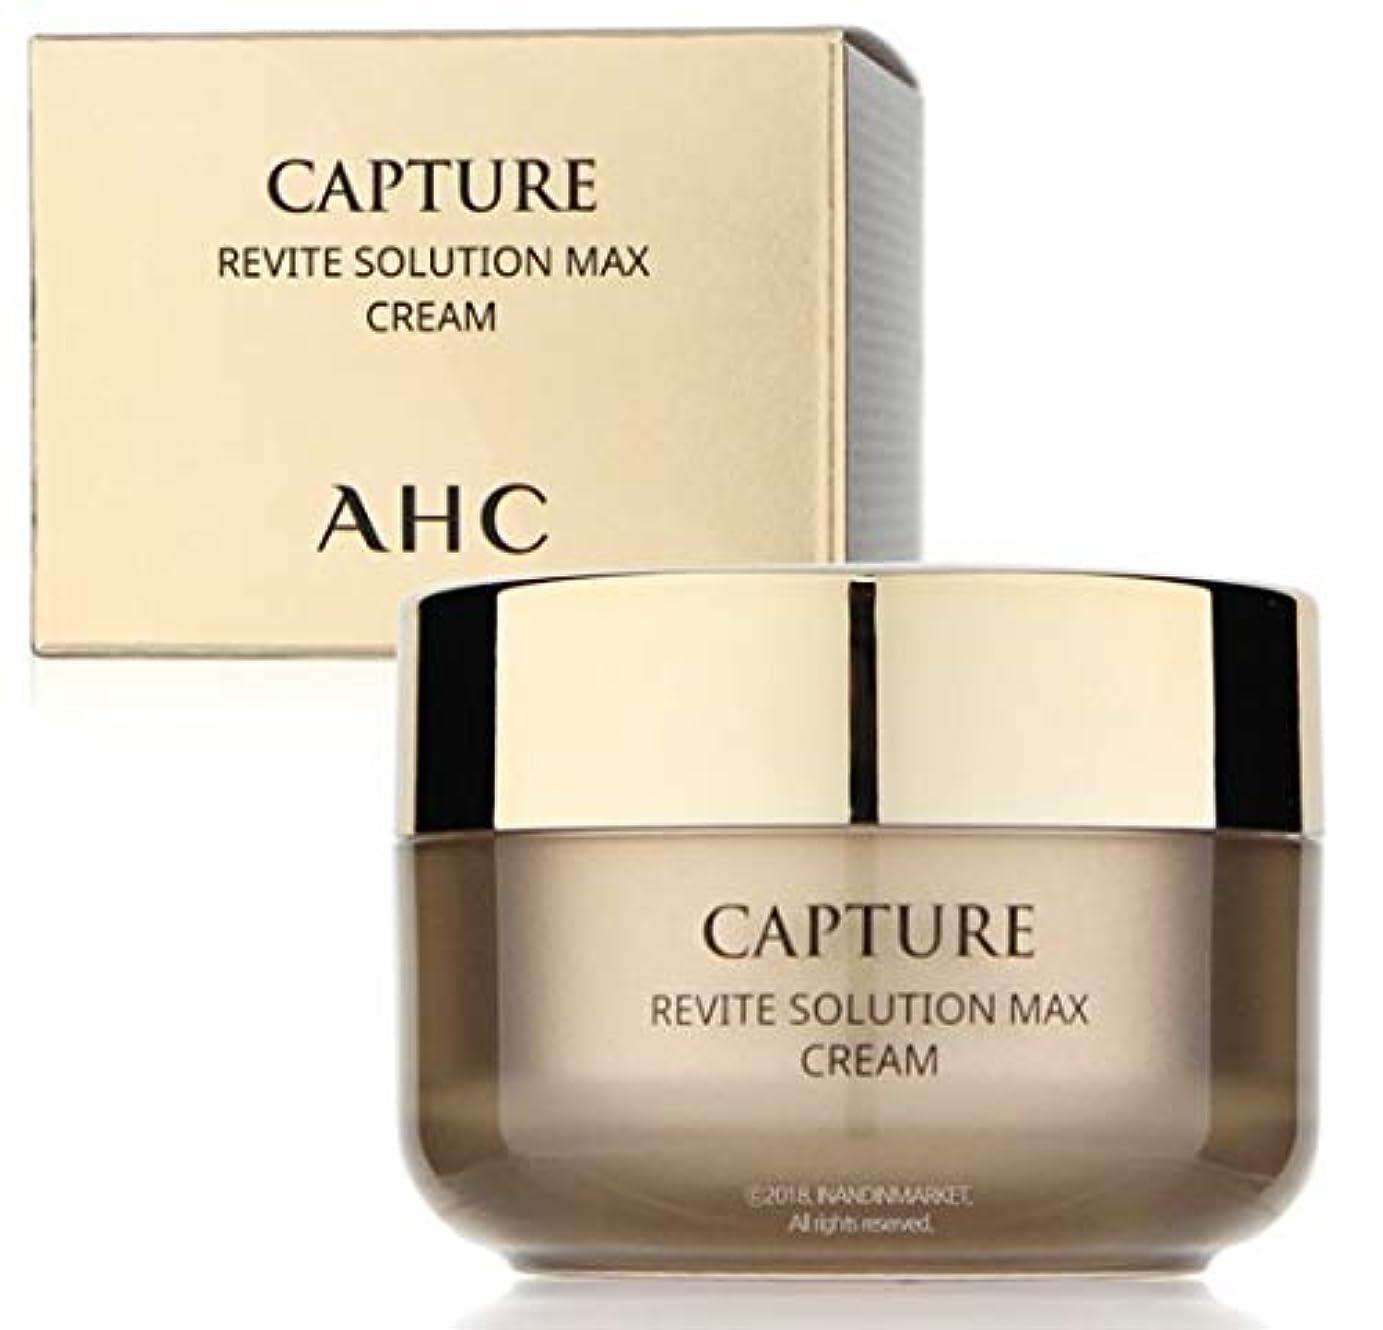 ダイアクリティカル満たす根絶するAHC Capture Revite Solution Max Cream/キャプチャー リバイト ソリューション マックス クリーム 50ml [並行輸入品]